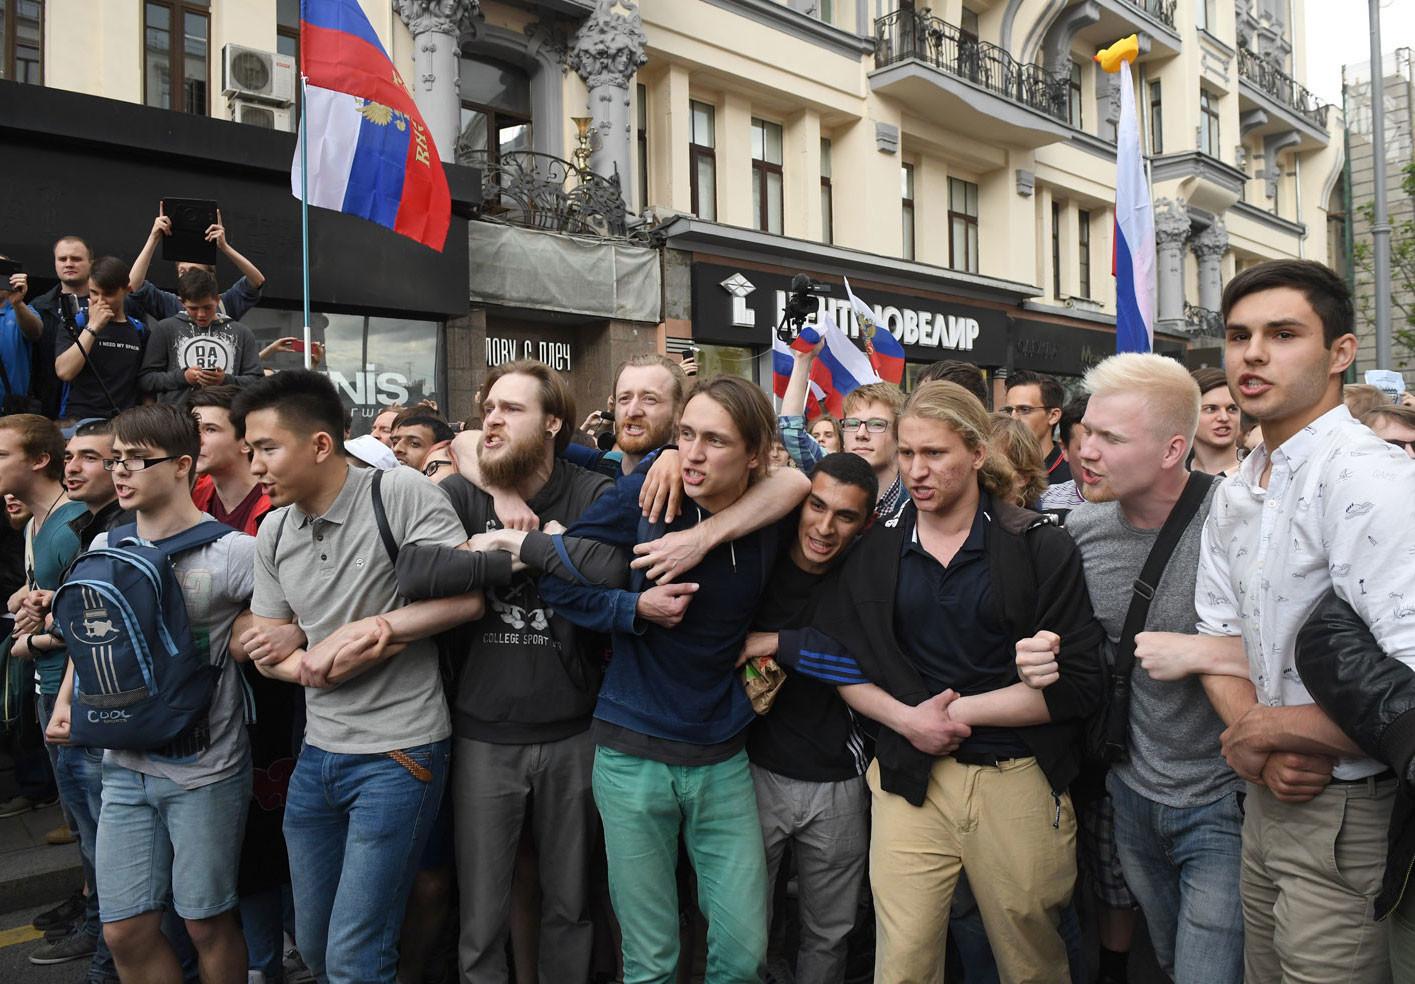 «Жестокая провокация»: пользователи соцсетей и оппозиционеры об акции Навального на Тверской